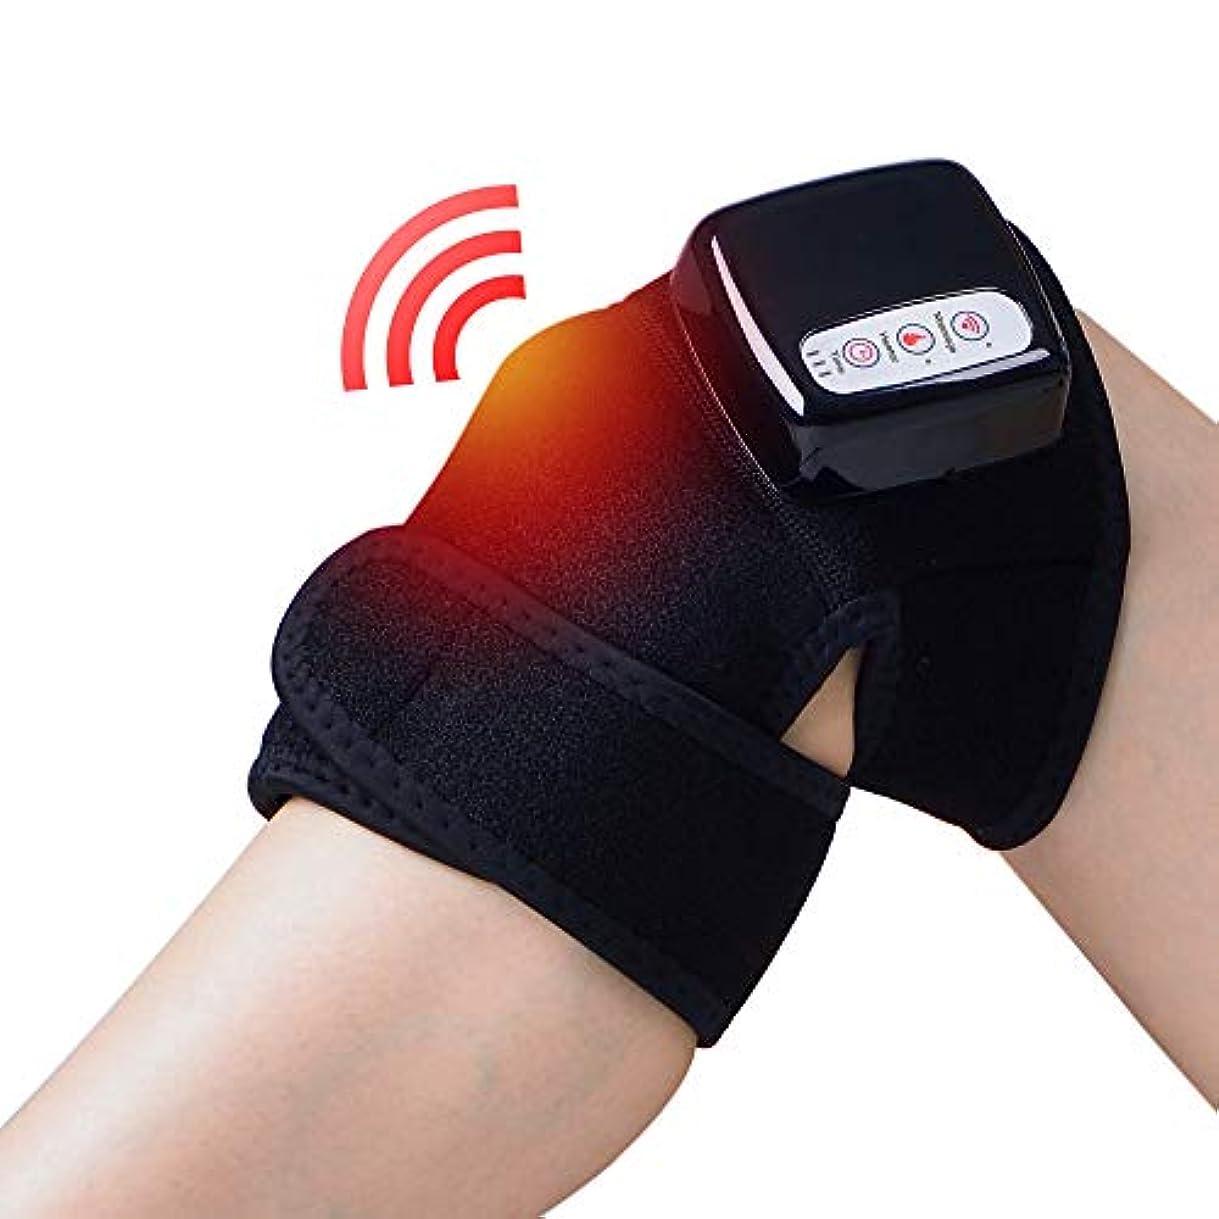 充実くすぐったい勇気Chuangyue 膝関節加熱マッサージ マッサージ器 フットマッサージャー ひざ マッサージャー 振動 赤外線療法 温熱療法 膝サポーター ストレス解消 膝マット 太もも/腕対応